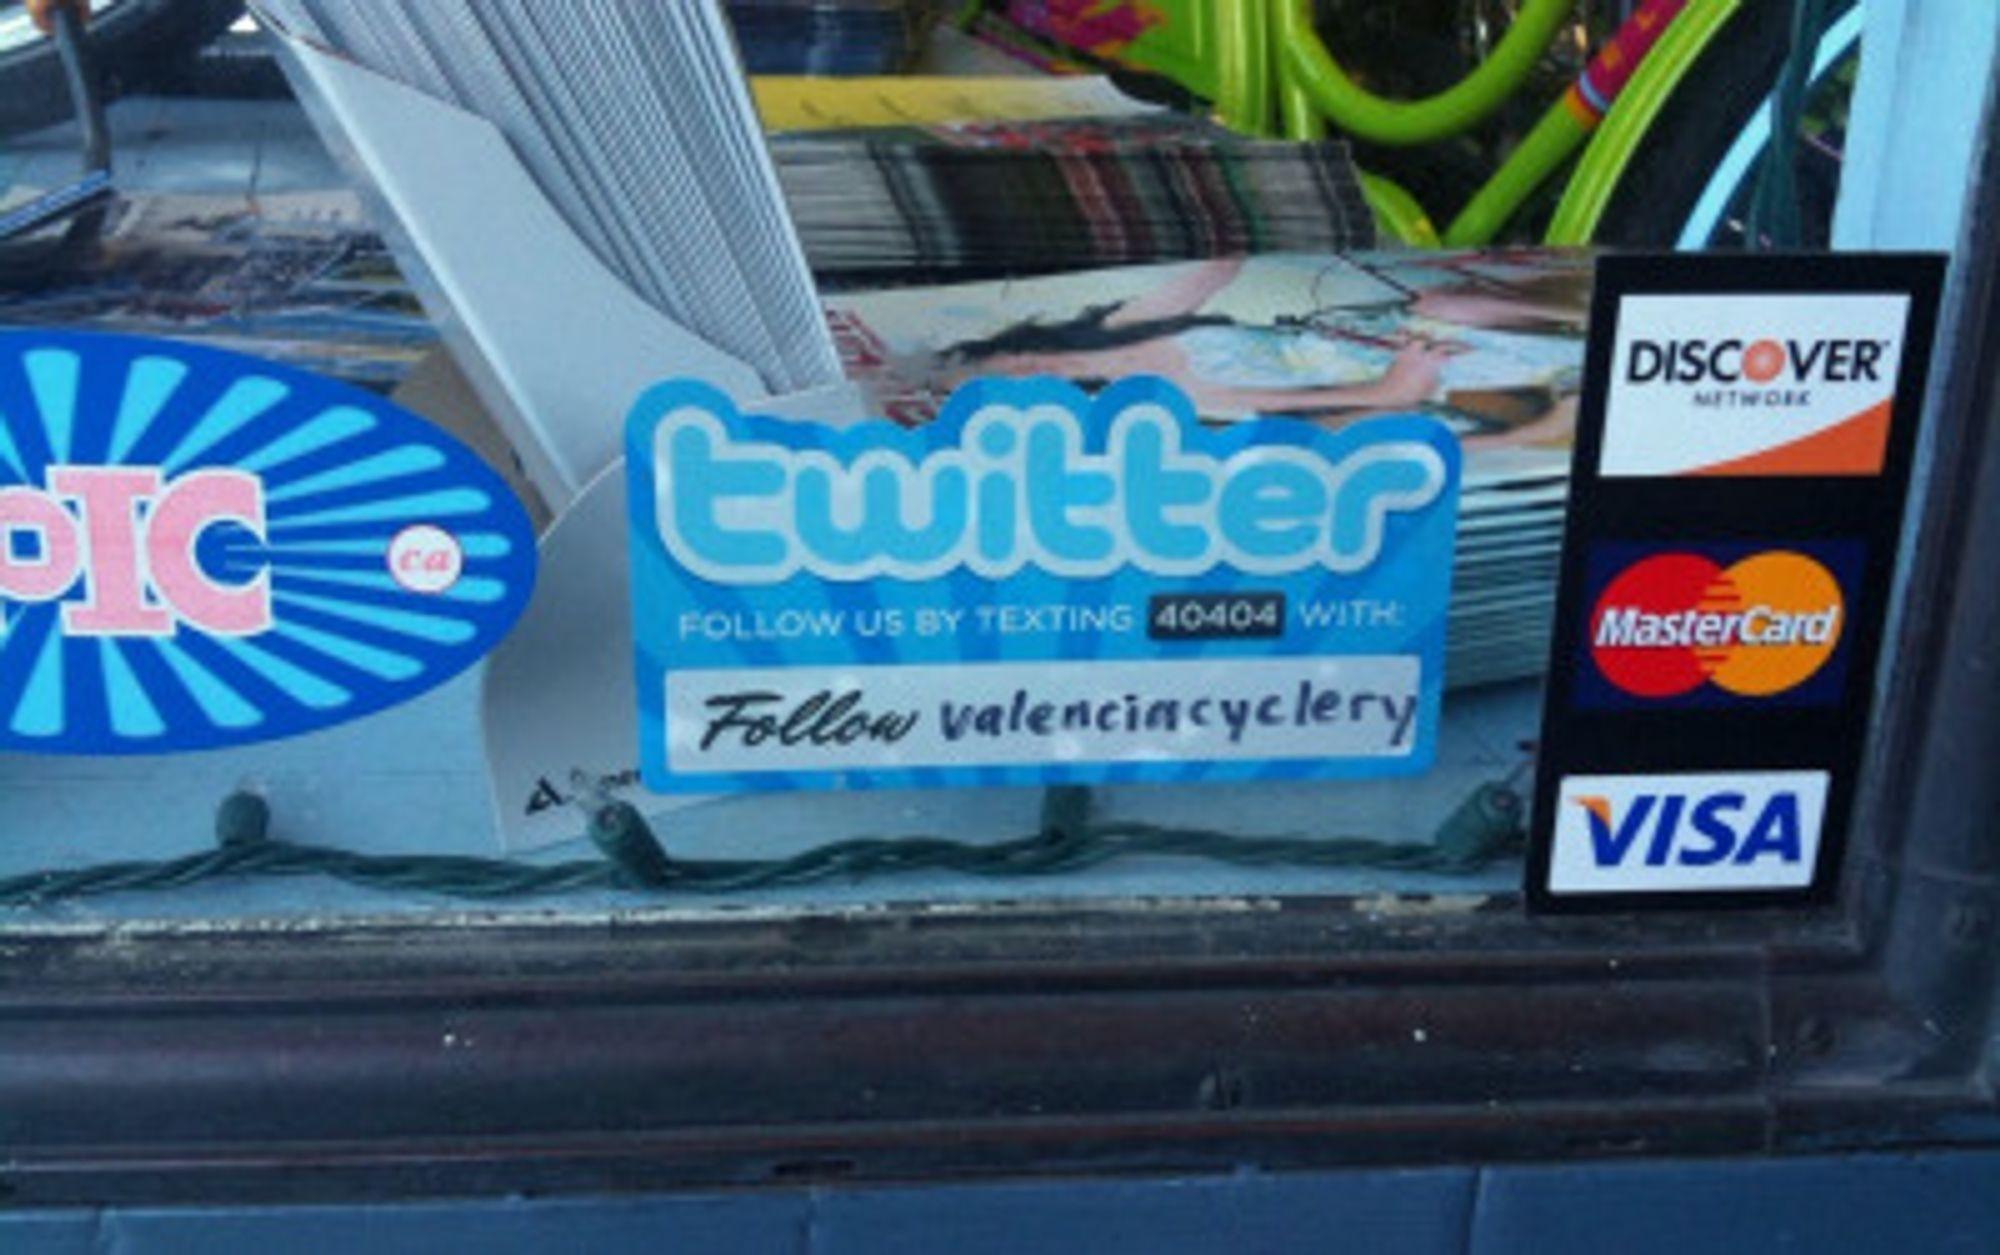 Vitrine fra lokal forretning som tilbyr kundeoppfølging via Twitter på SMS.